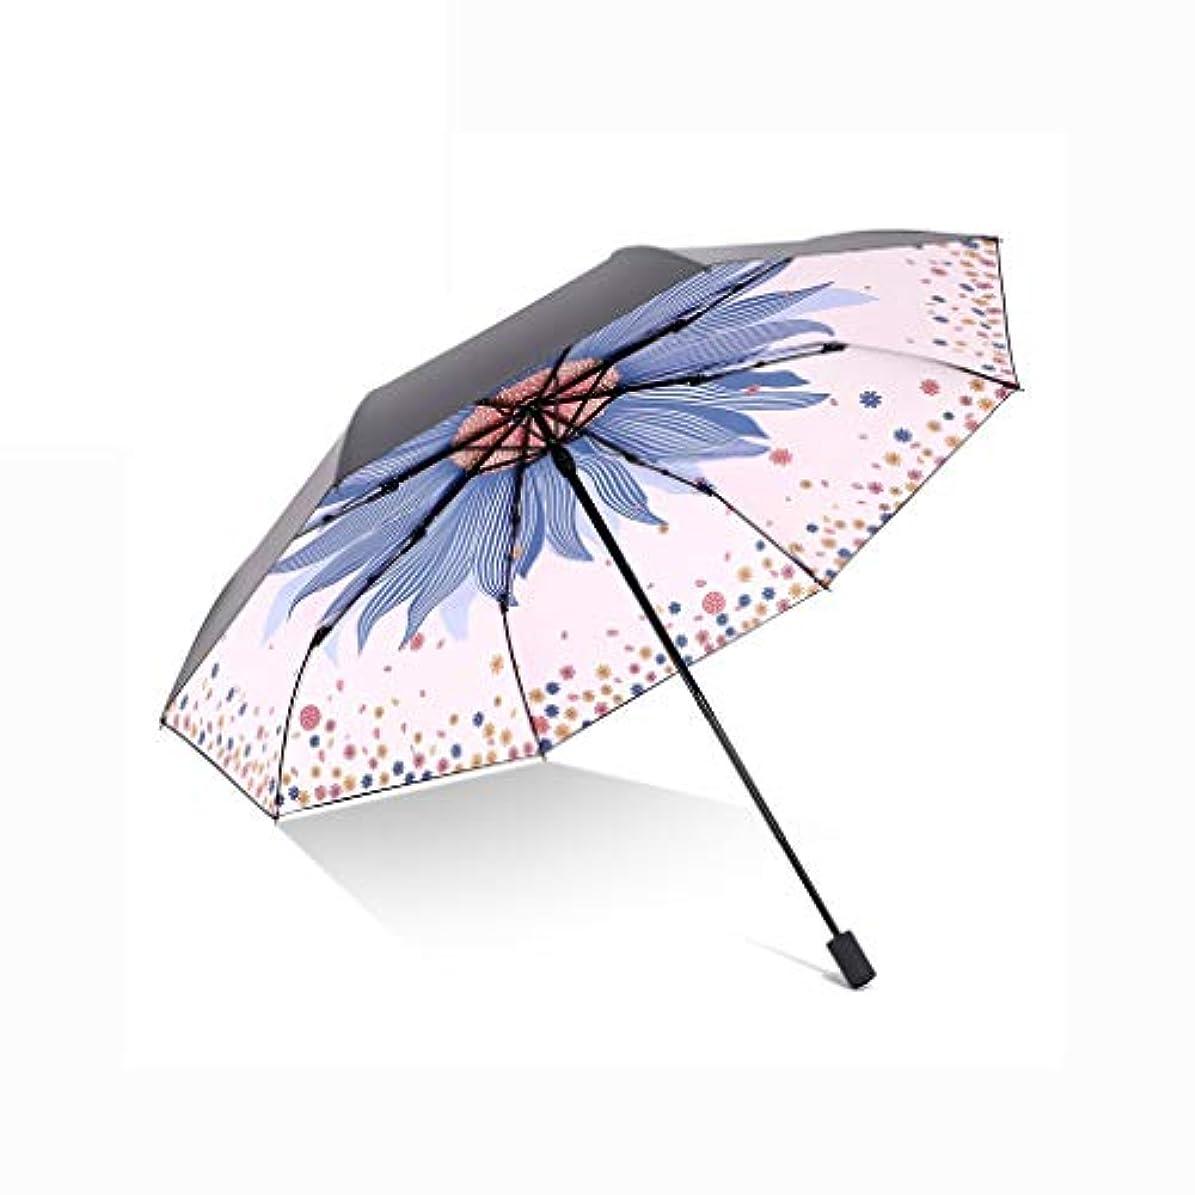 キュービック死ぬ誤解日傘、自動開閉開閉トラベル傘強化換気と防風フレームポータブルコンパクト折りたたみ式軽量設計と高風抵抗(ブルー) (Color : Purple, Size : L)